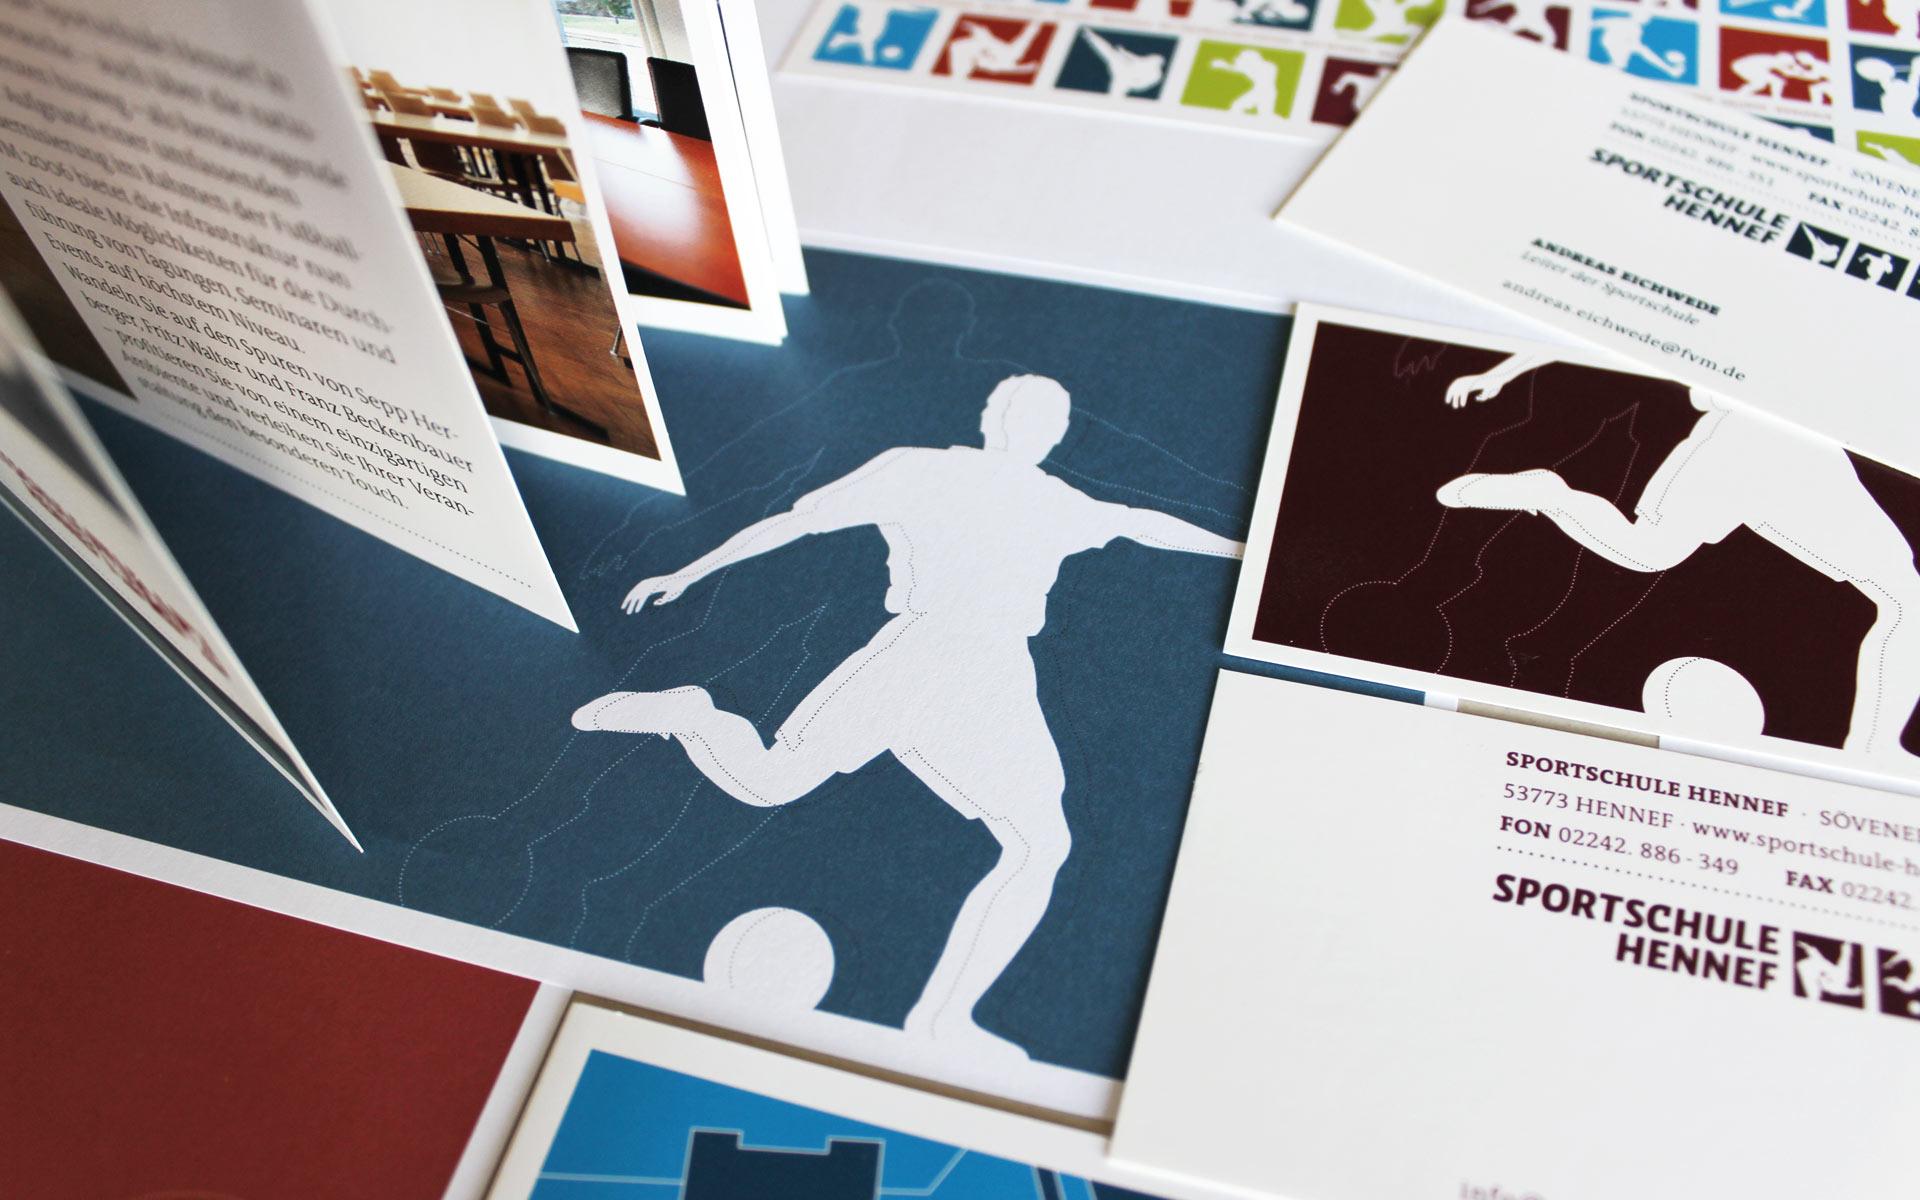 Sportschule Hennef Corporate Design,  Geschäftstausstattung und diverse Medien